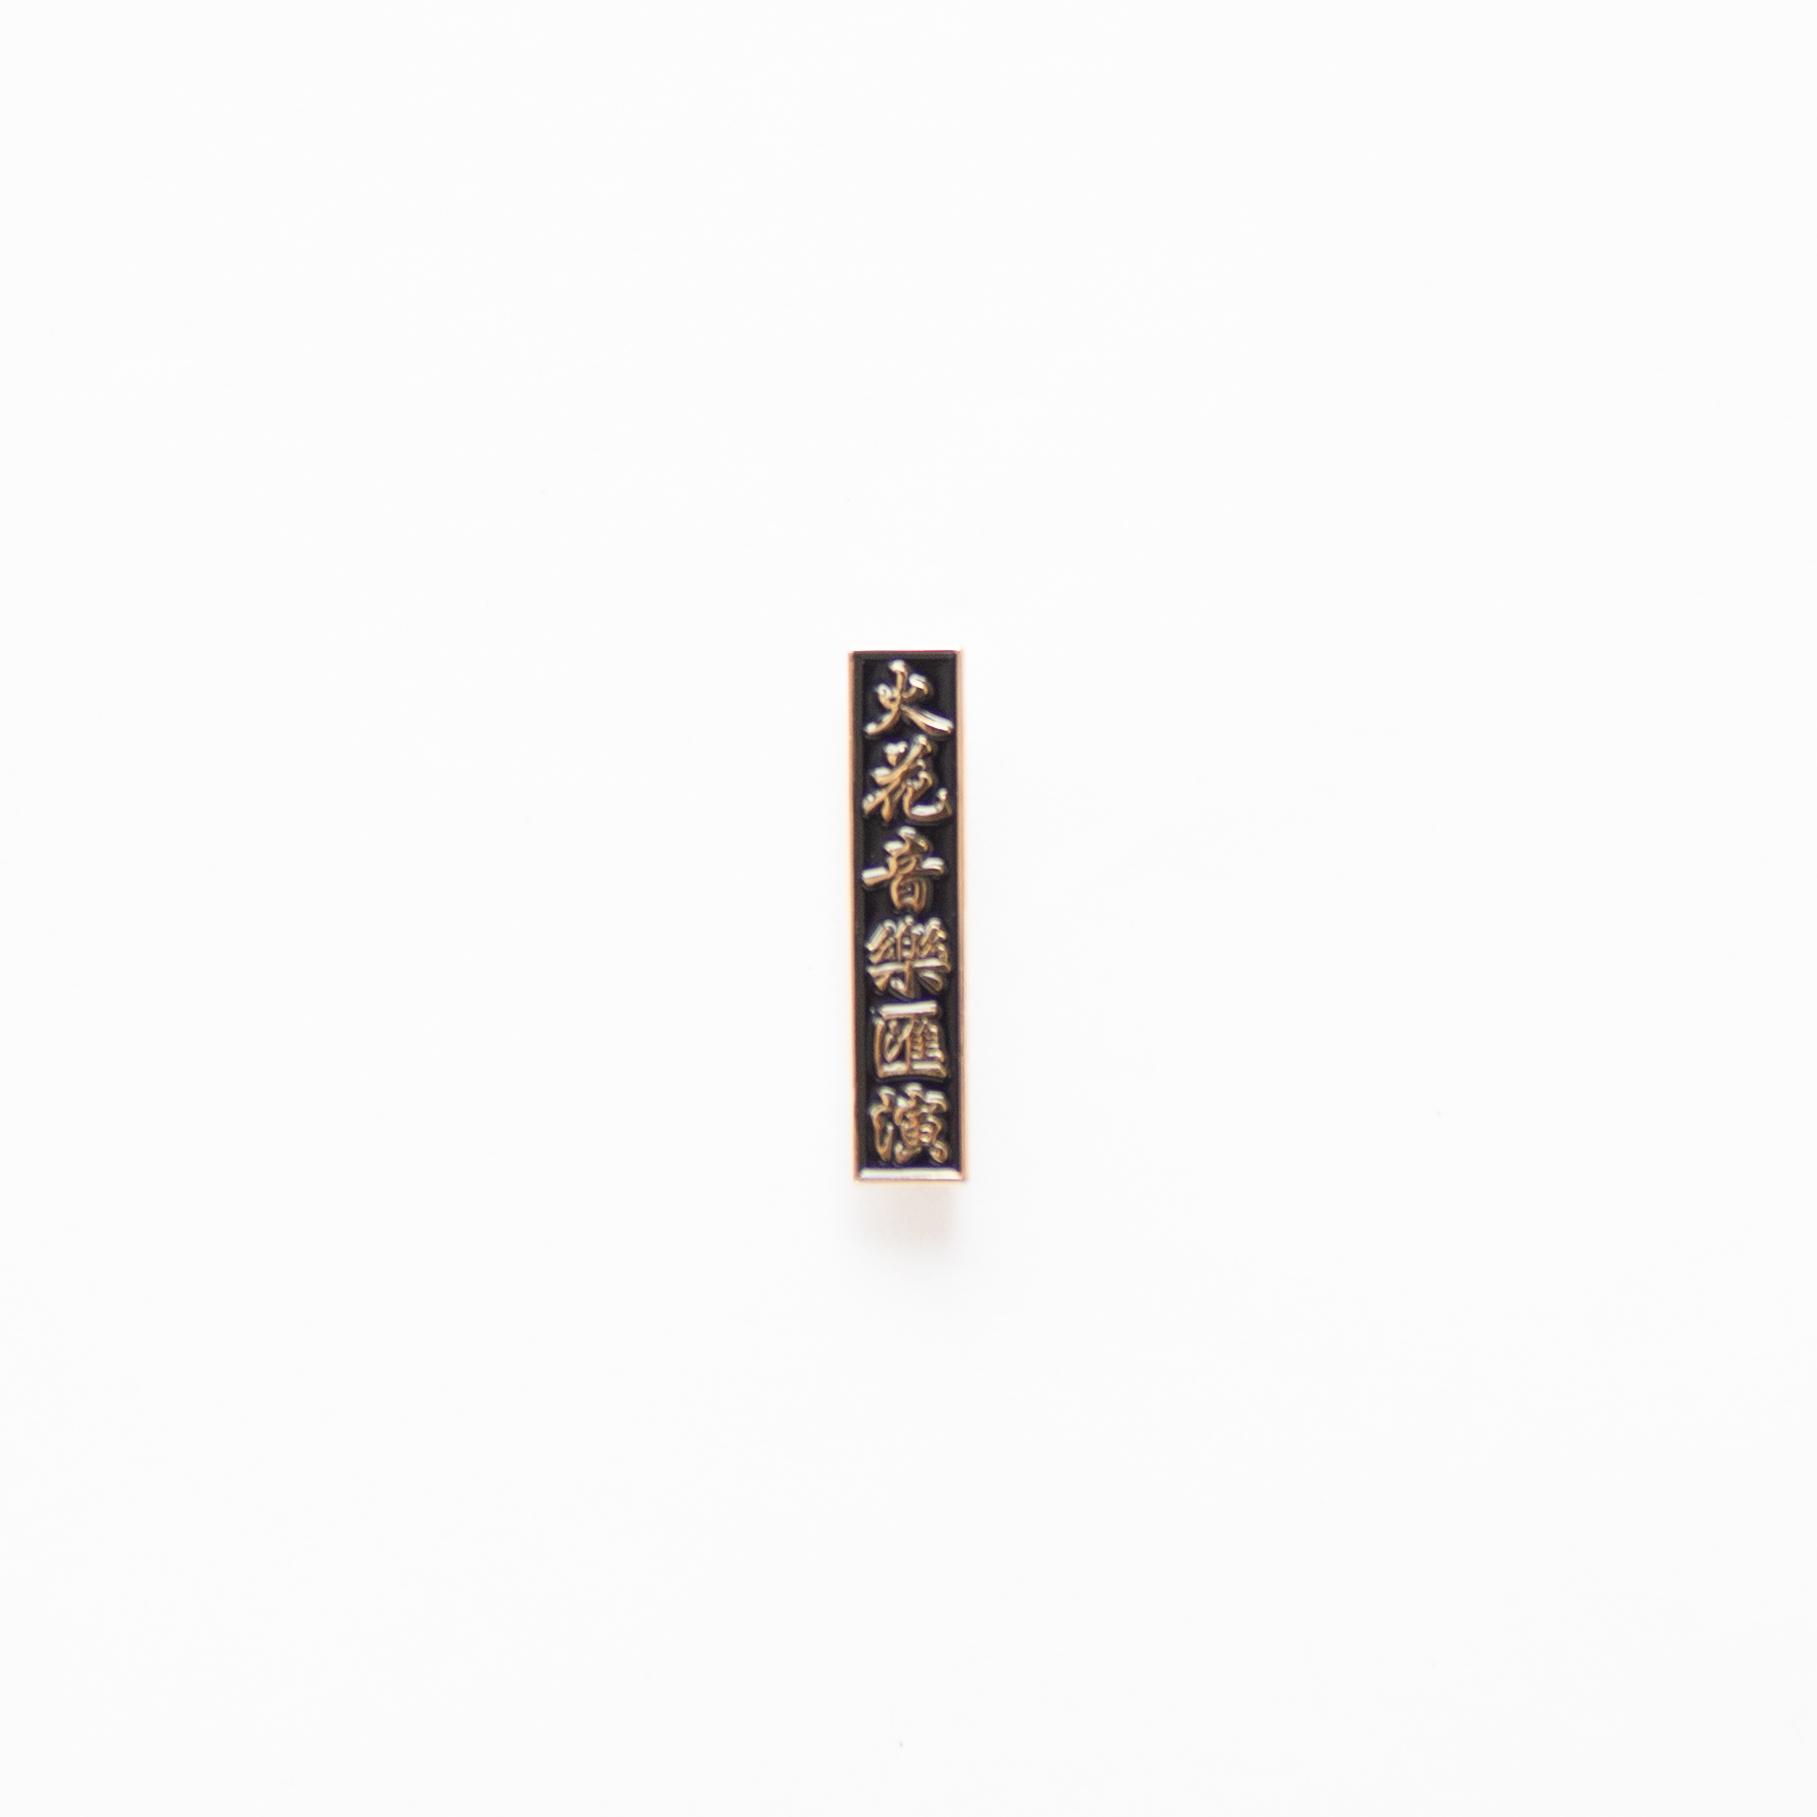 PIN BADGE(漢字)